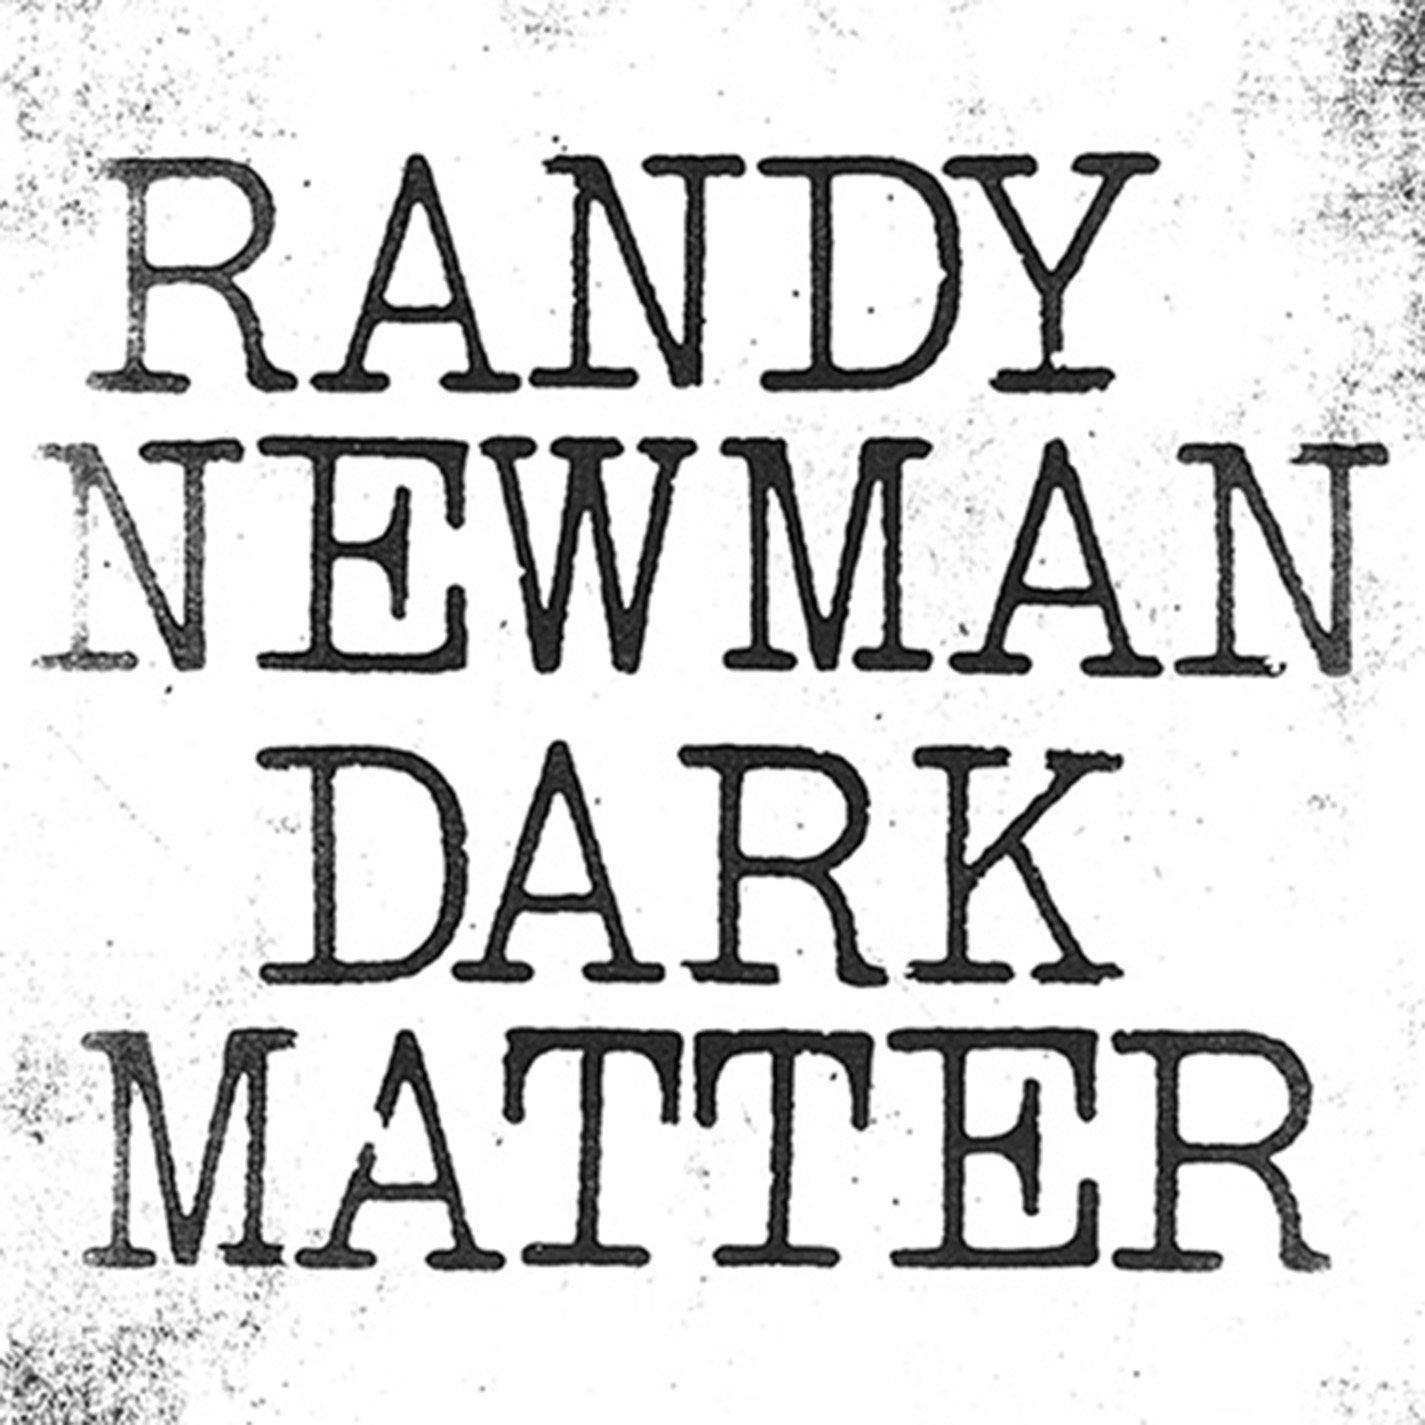 I Heart Randy